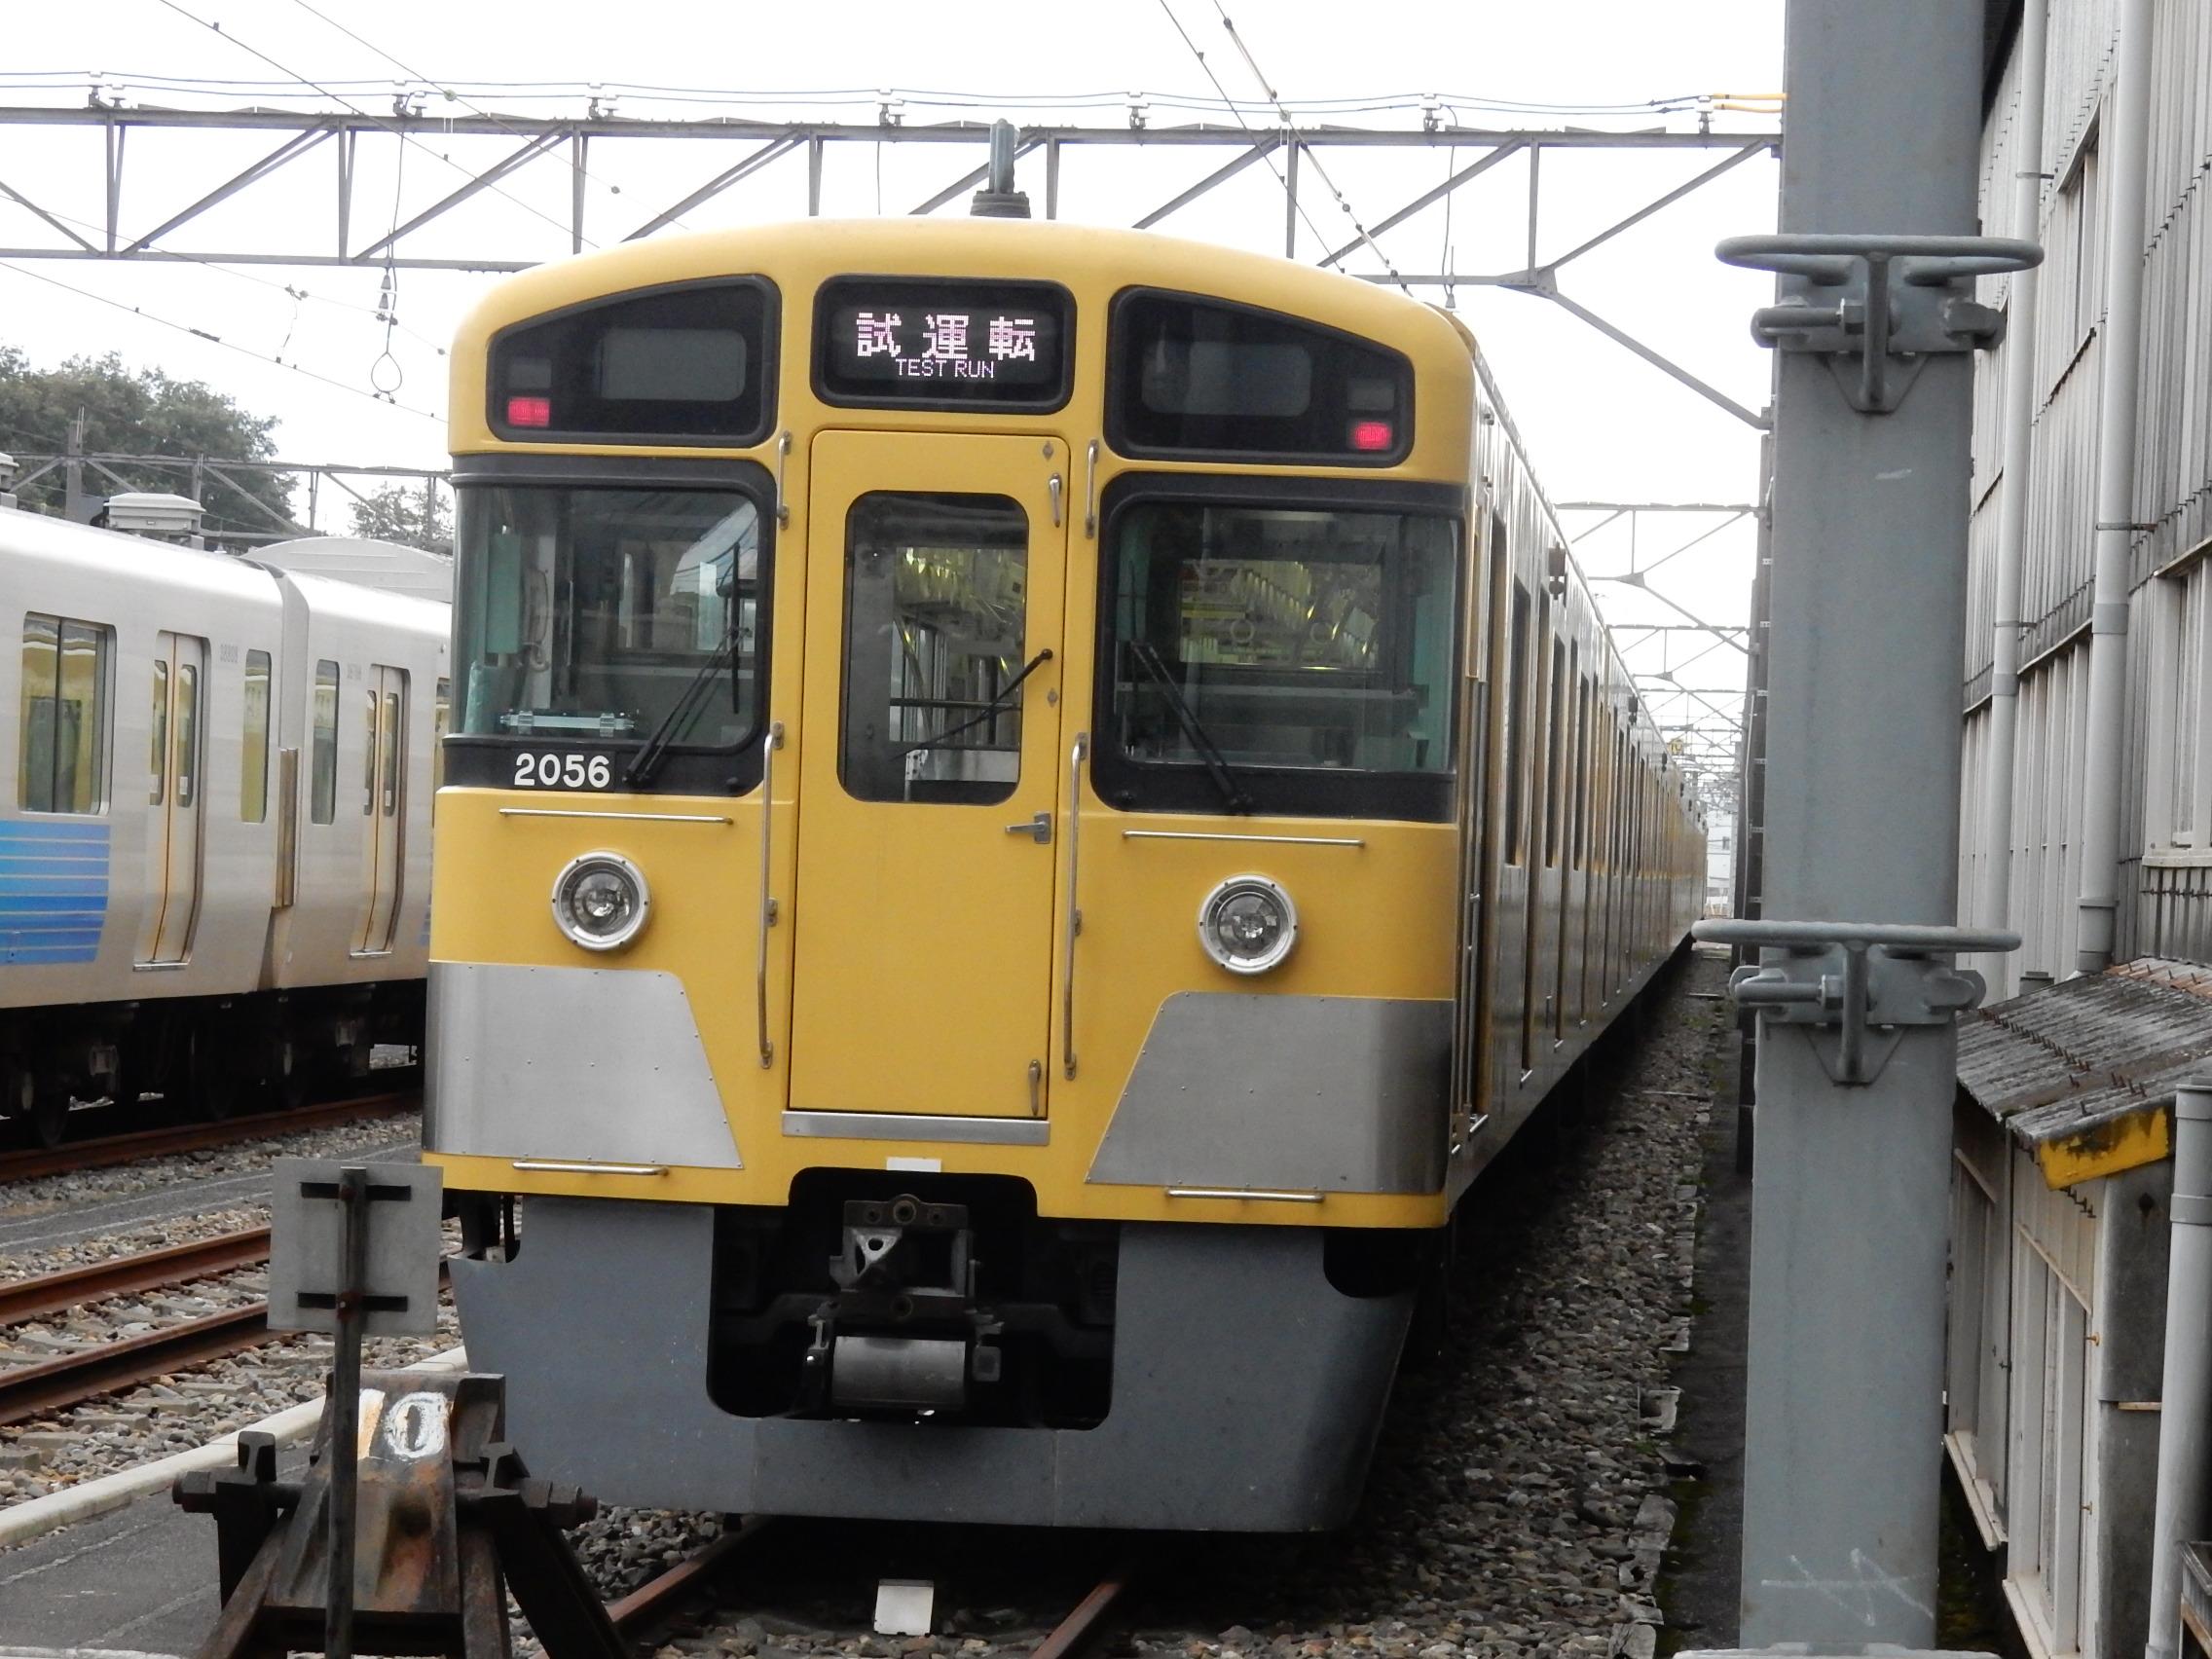 DSCN7219.jpg